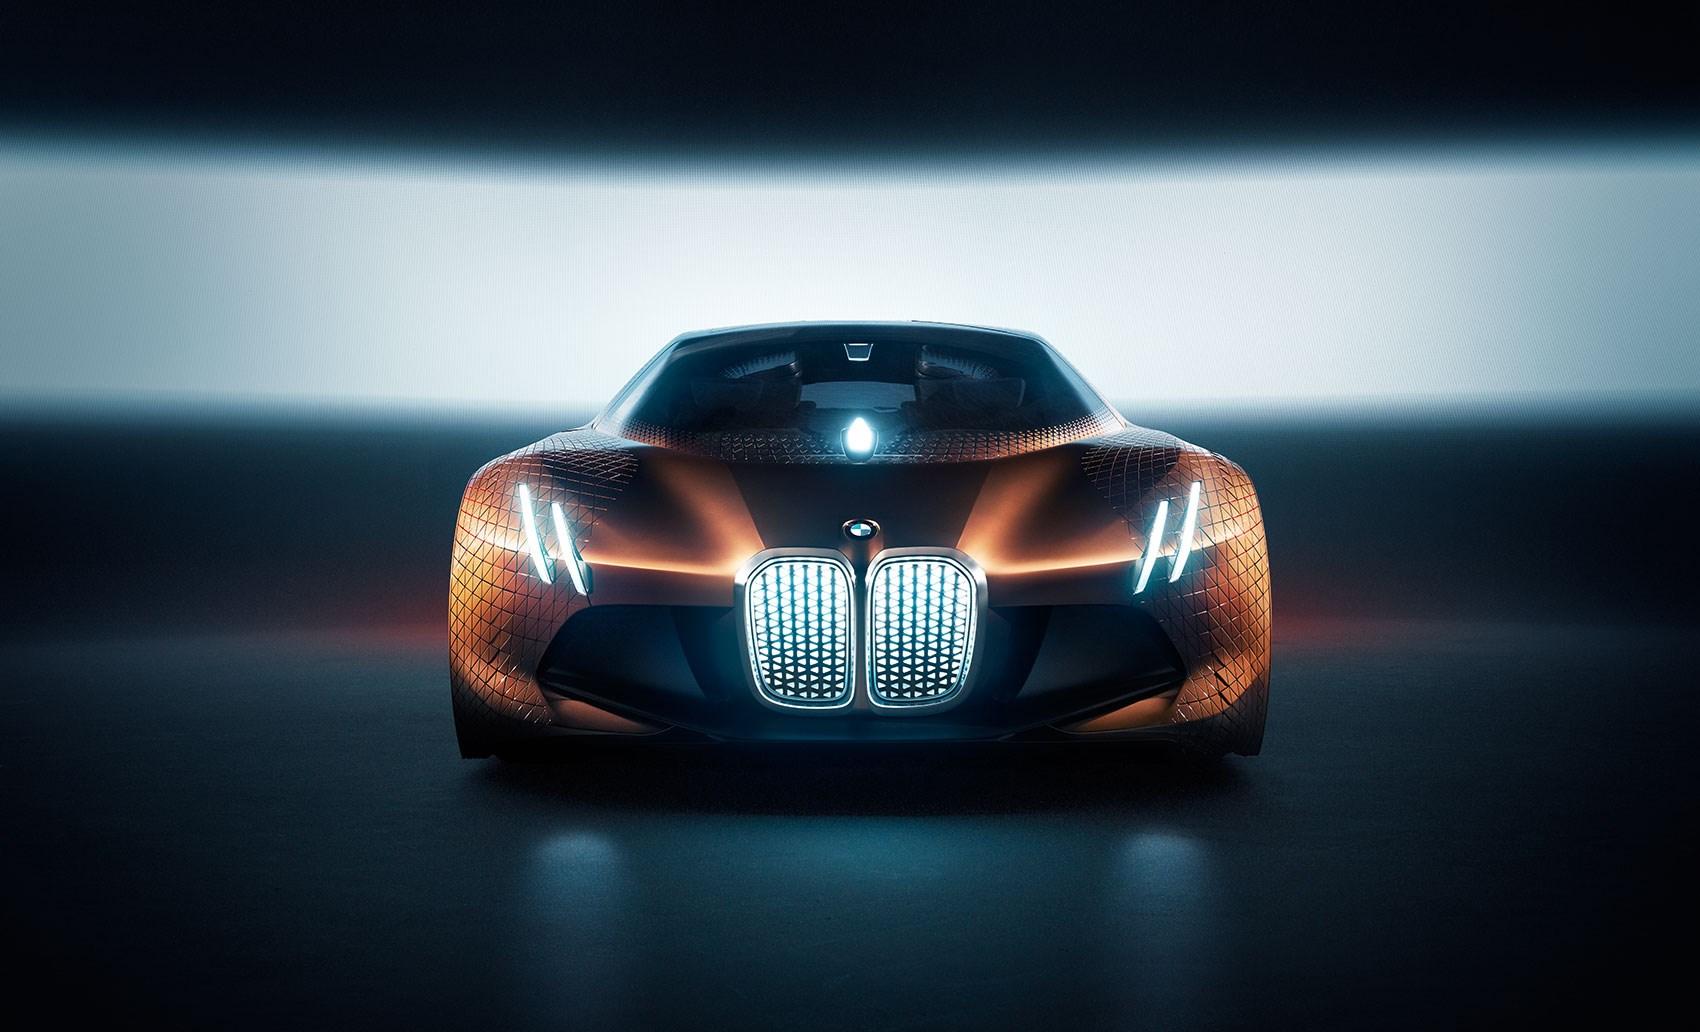 แนวโน้มของเทคโนโลยียานยนต์ในอนาคต